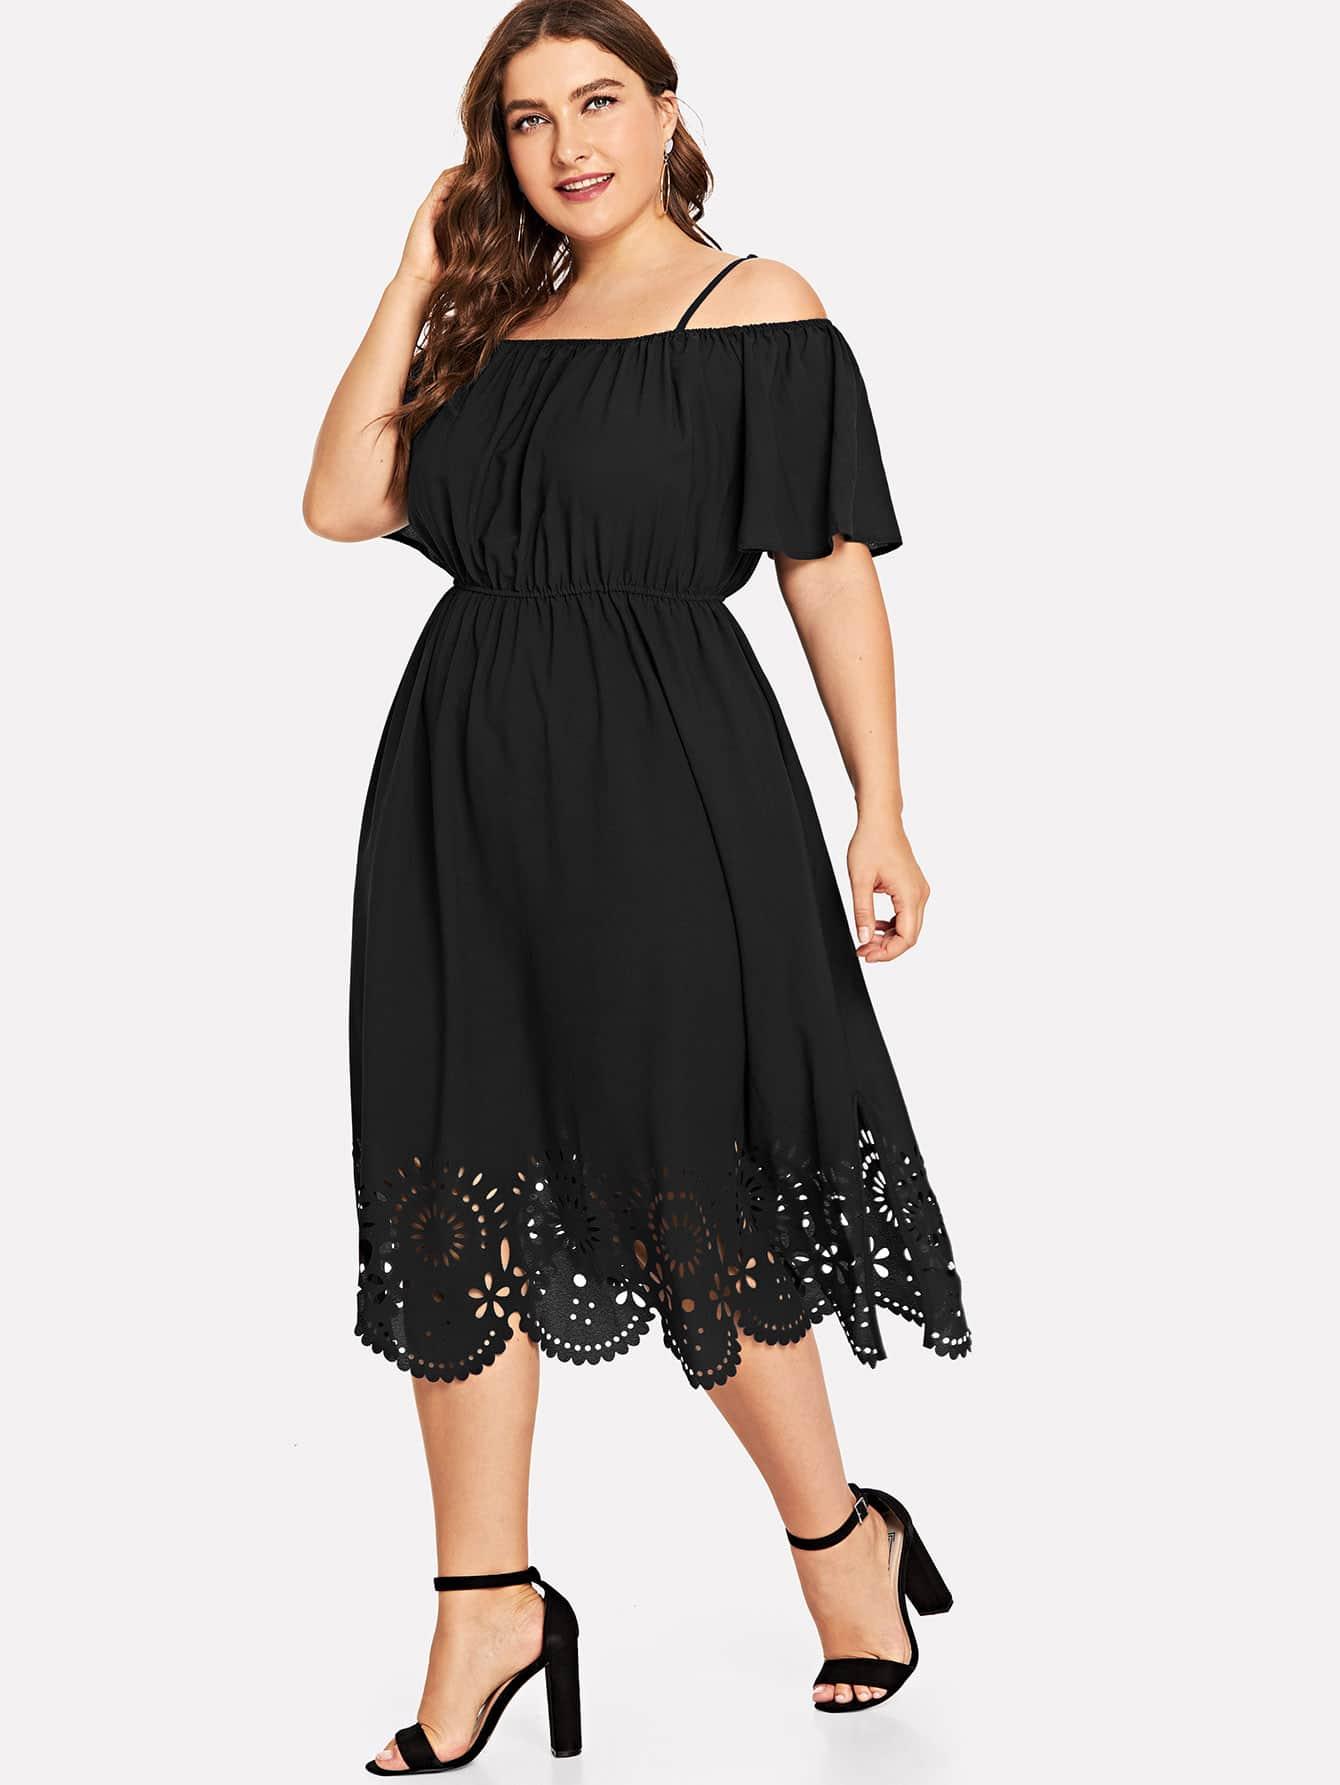 Большое платье без бретелек и Веерообразный лазерный подол, Franziska, SheIn  - купить со скидкой